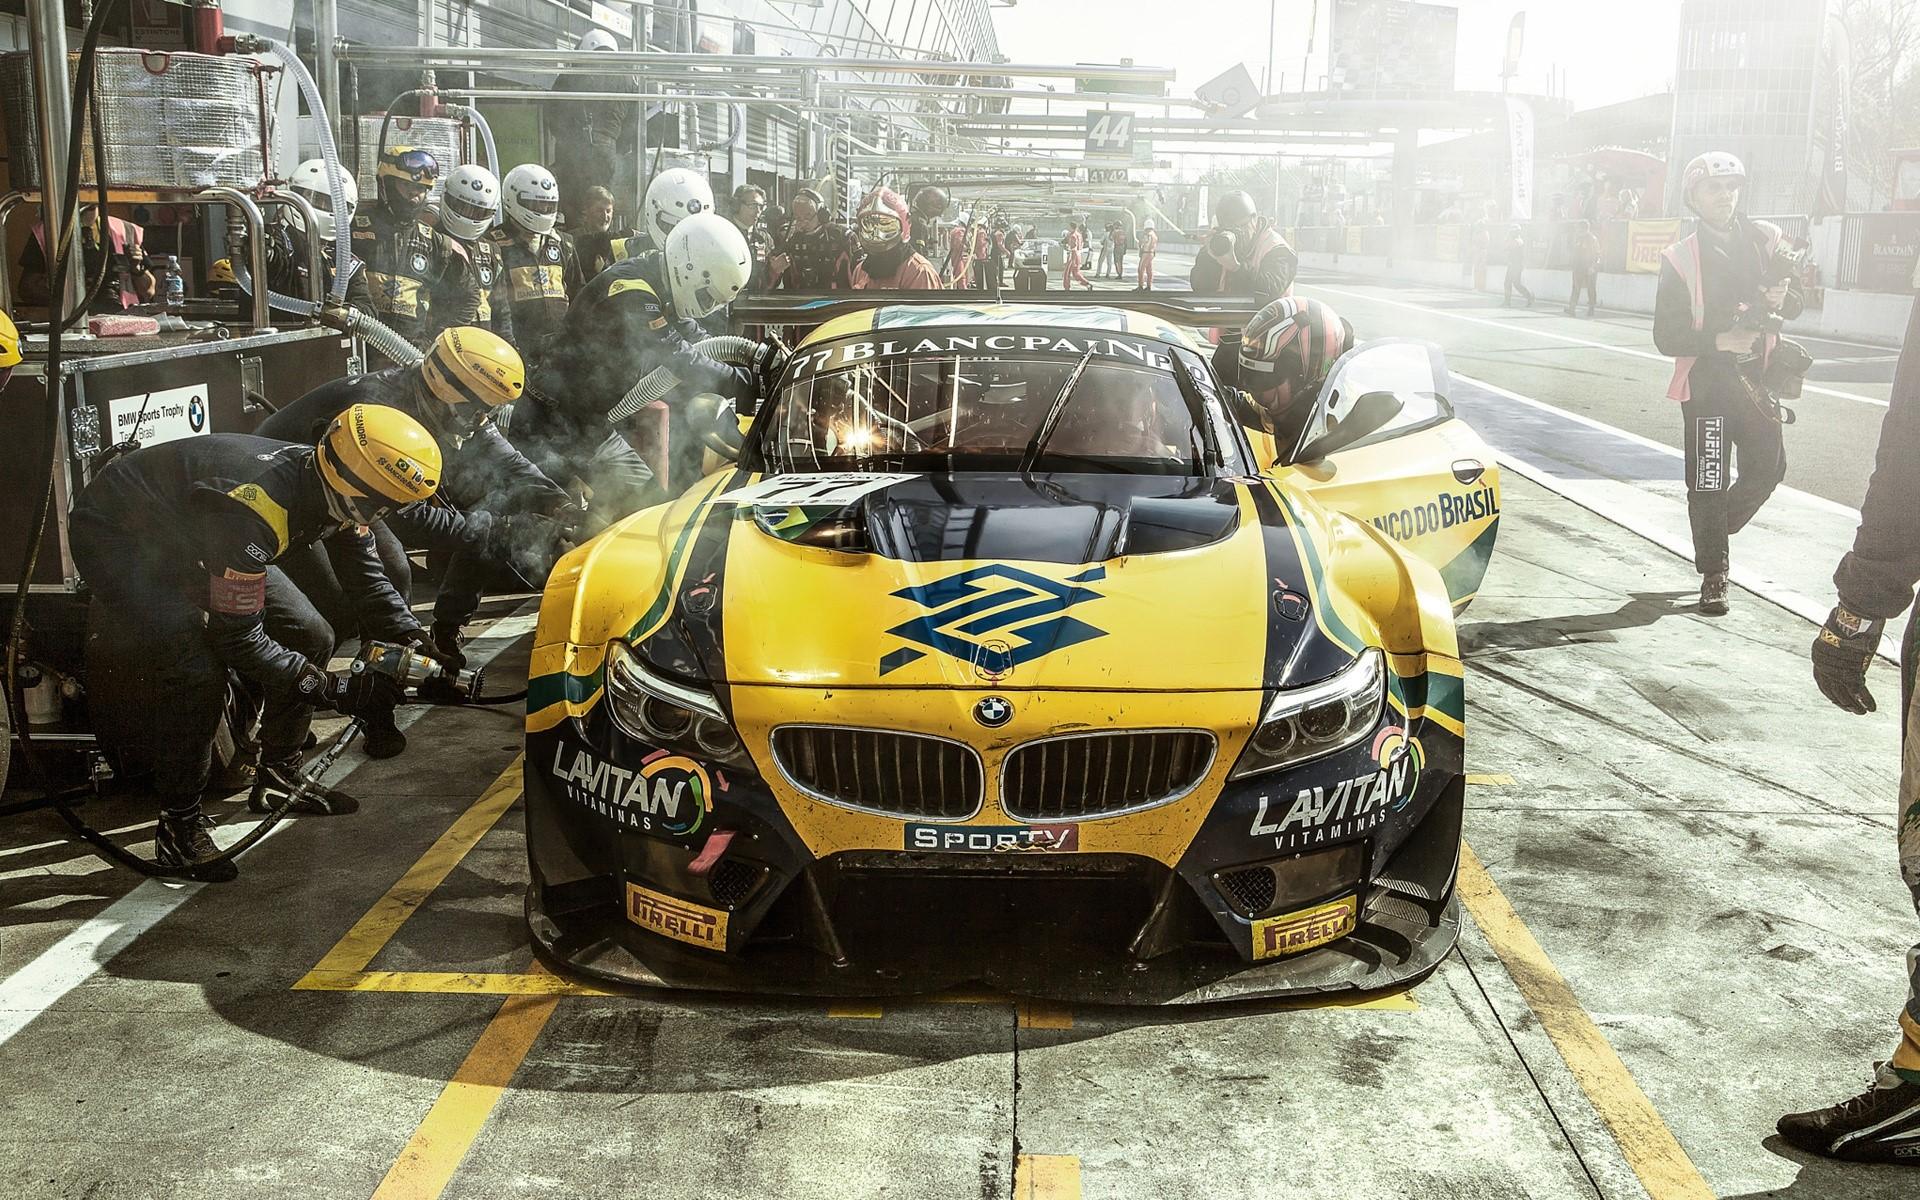 Fondo de pantalla de BMW equipo brasil en Gran turismo Imágenes